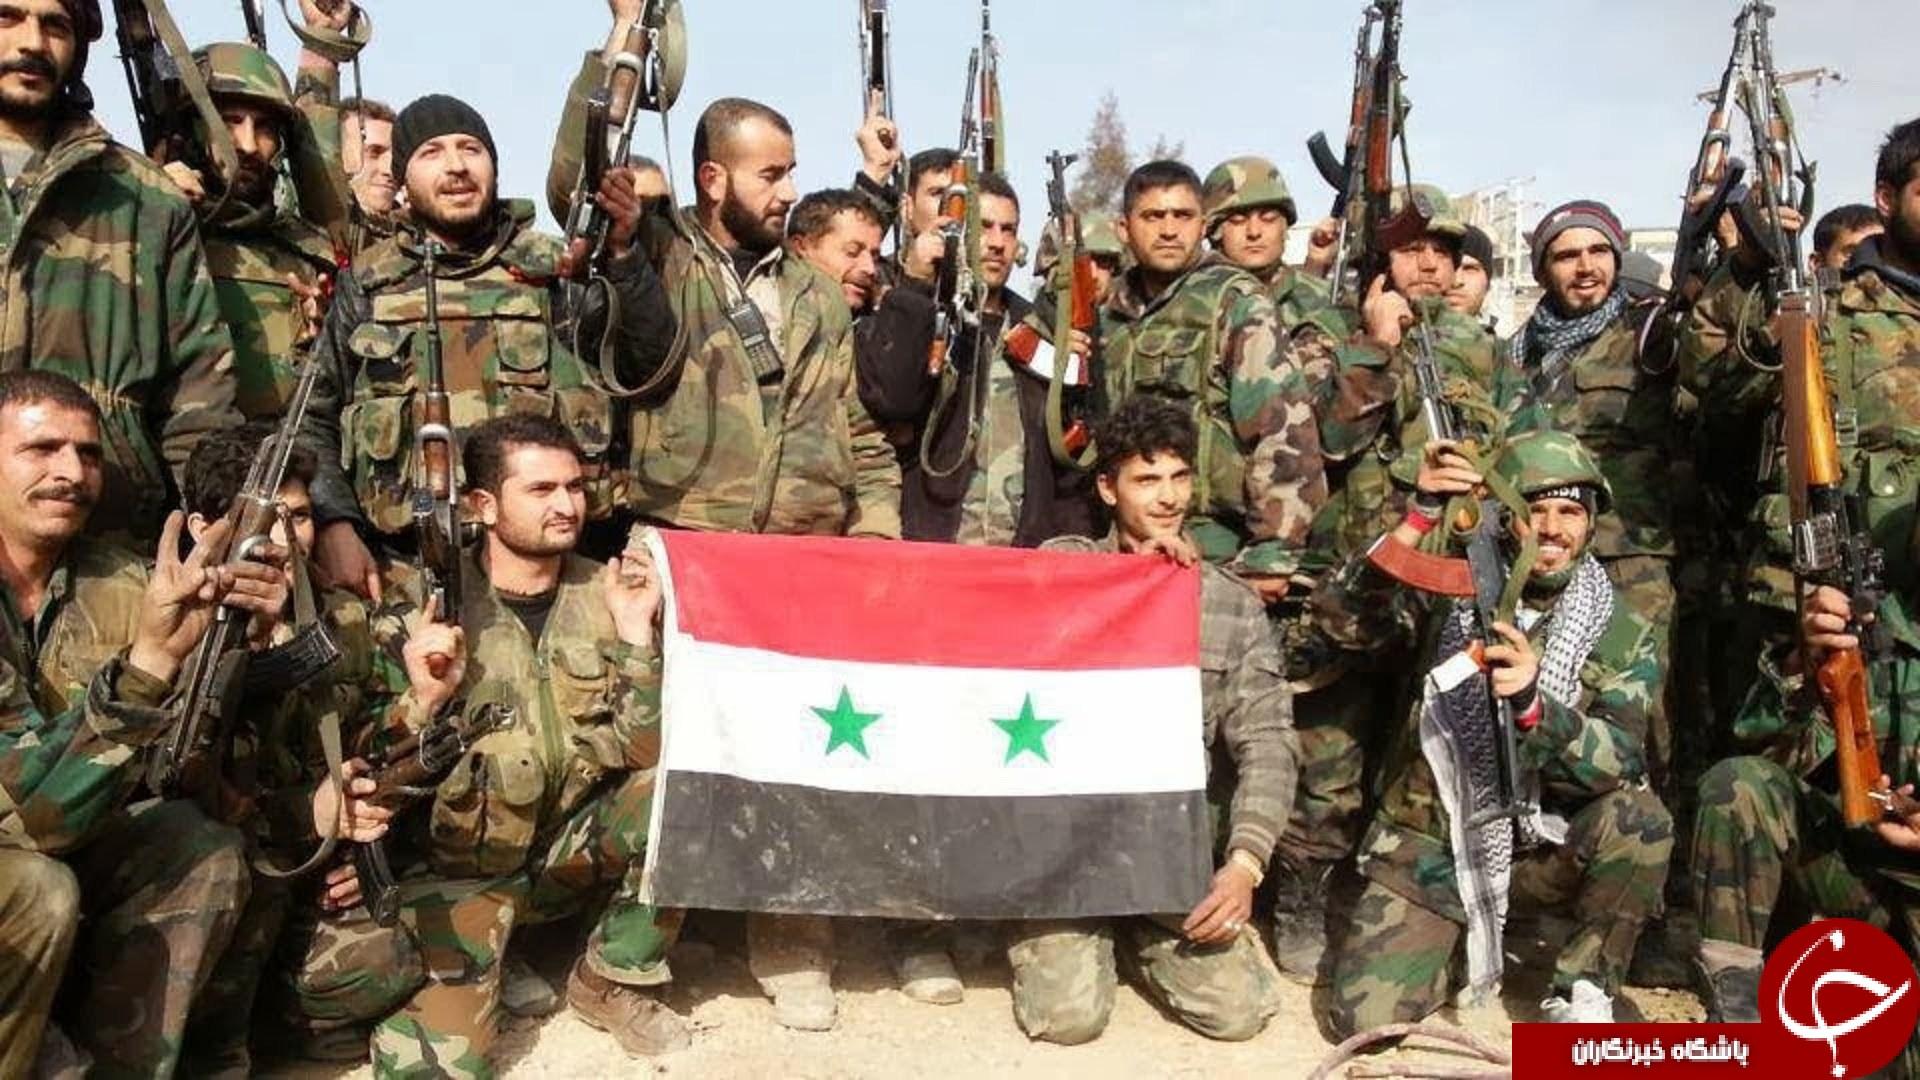 دست و پا زدن داعش برای حفظ پایتختها/ پس از حلب؛ نوبت رقه است